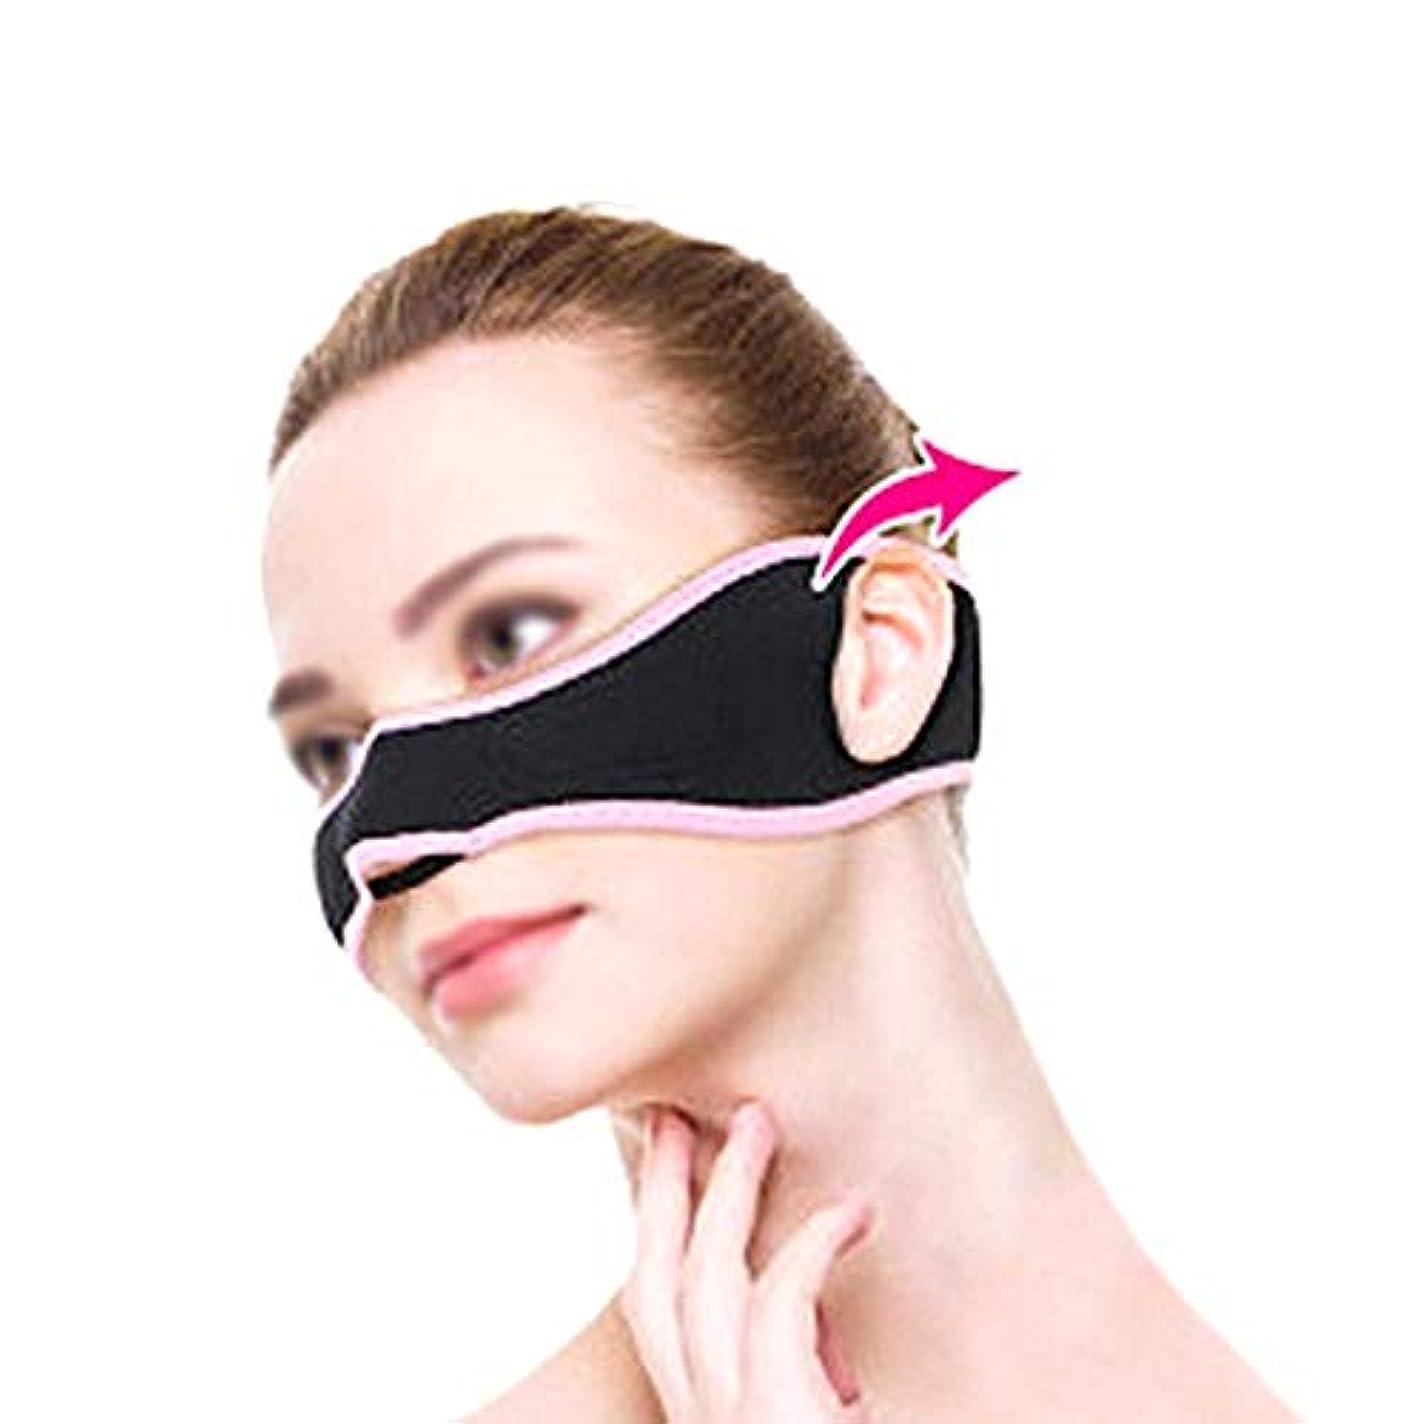 クロニクルテラス今までXHLMRMJ フェイスリフティングマスク、チークリフトアップマスク、薄くて薄い顔、顔の筋肉を引き締めて持ち上げ、持ち運びが簡単で、男性と女性の両方が使用できます